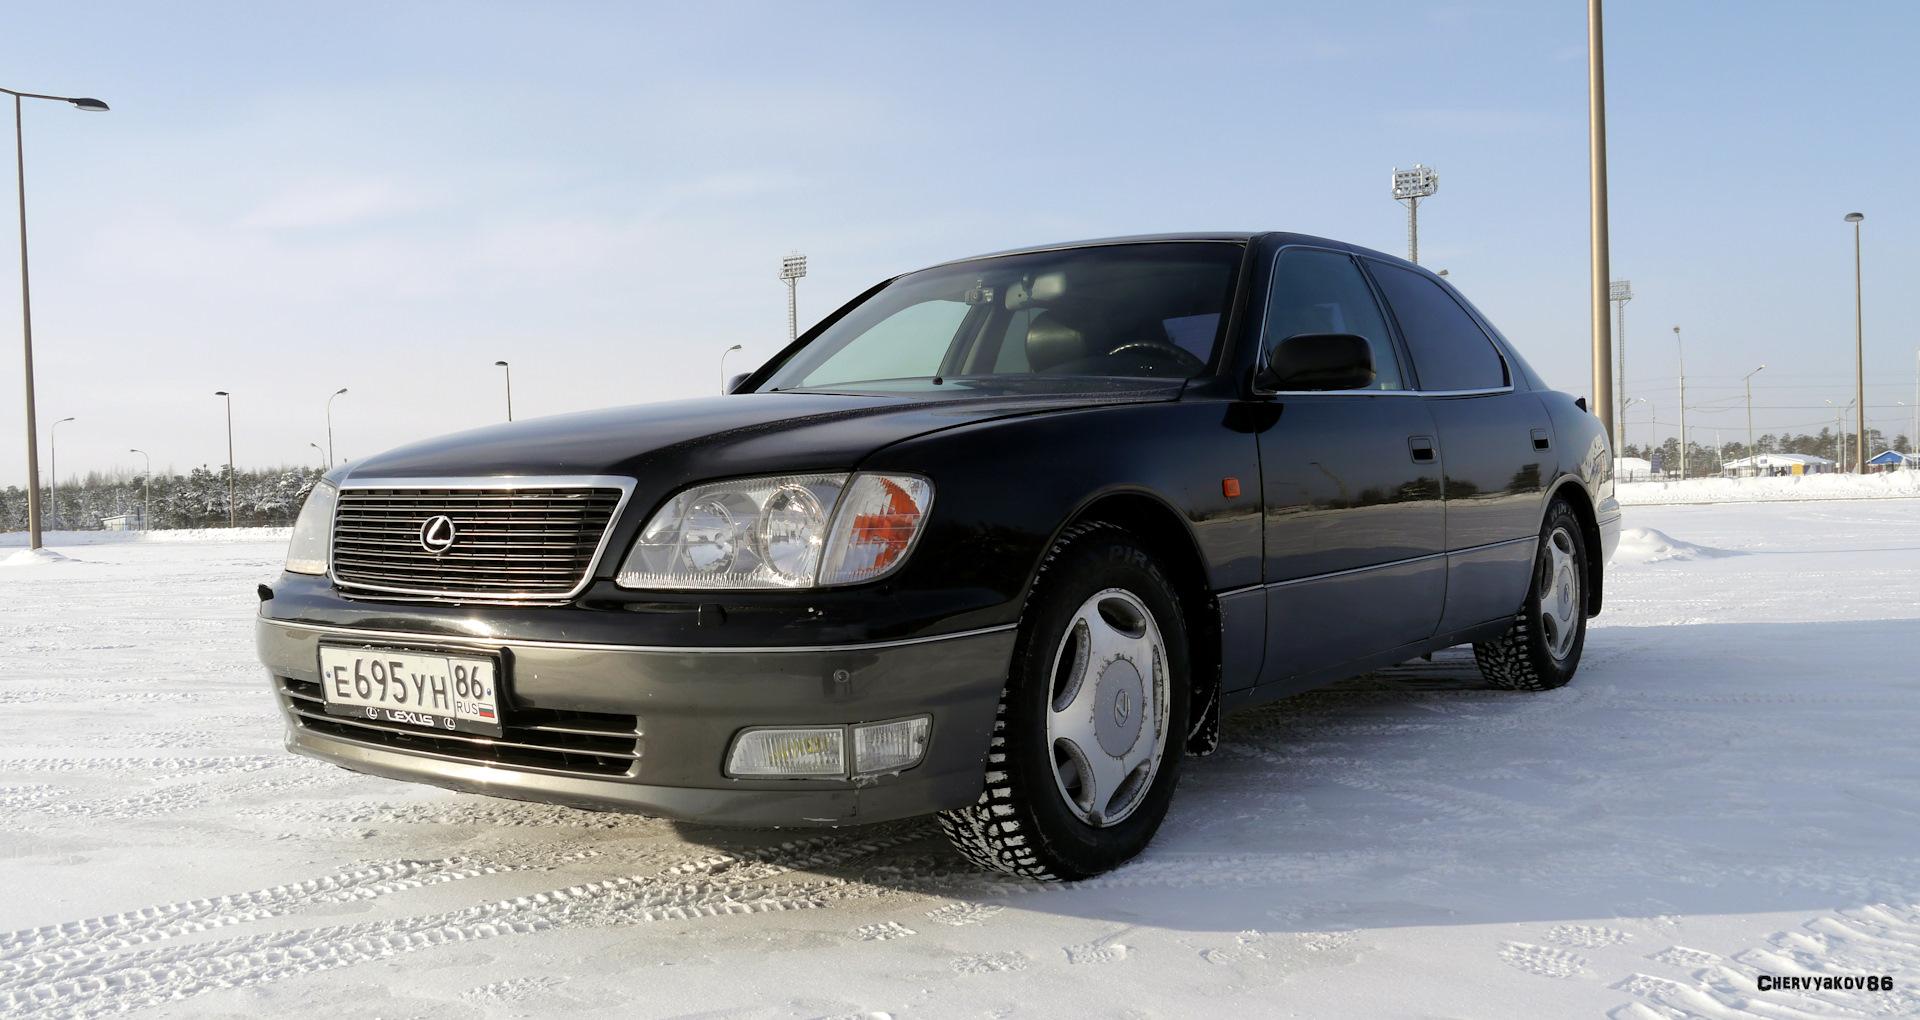 Дизайн LS400 полностью разрабатывался в калифорнийском отделении Toyota с  поправками на запросы местного потребителя. В попытке приблизится к  европейскому ...